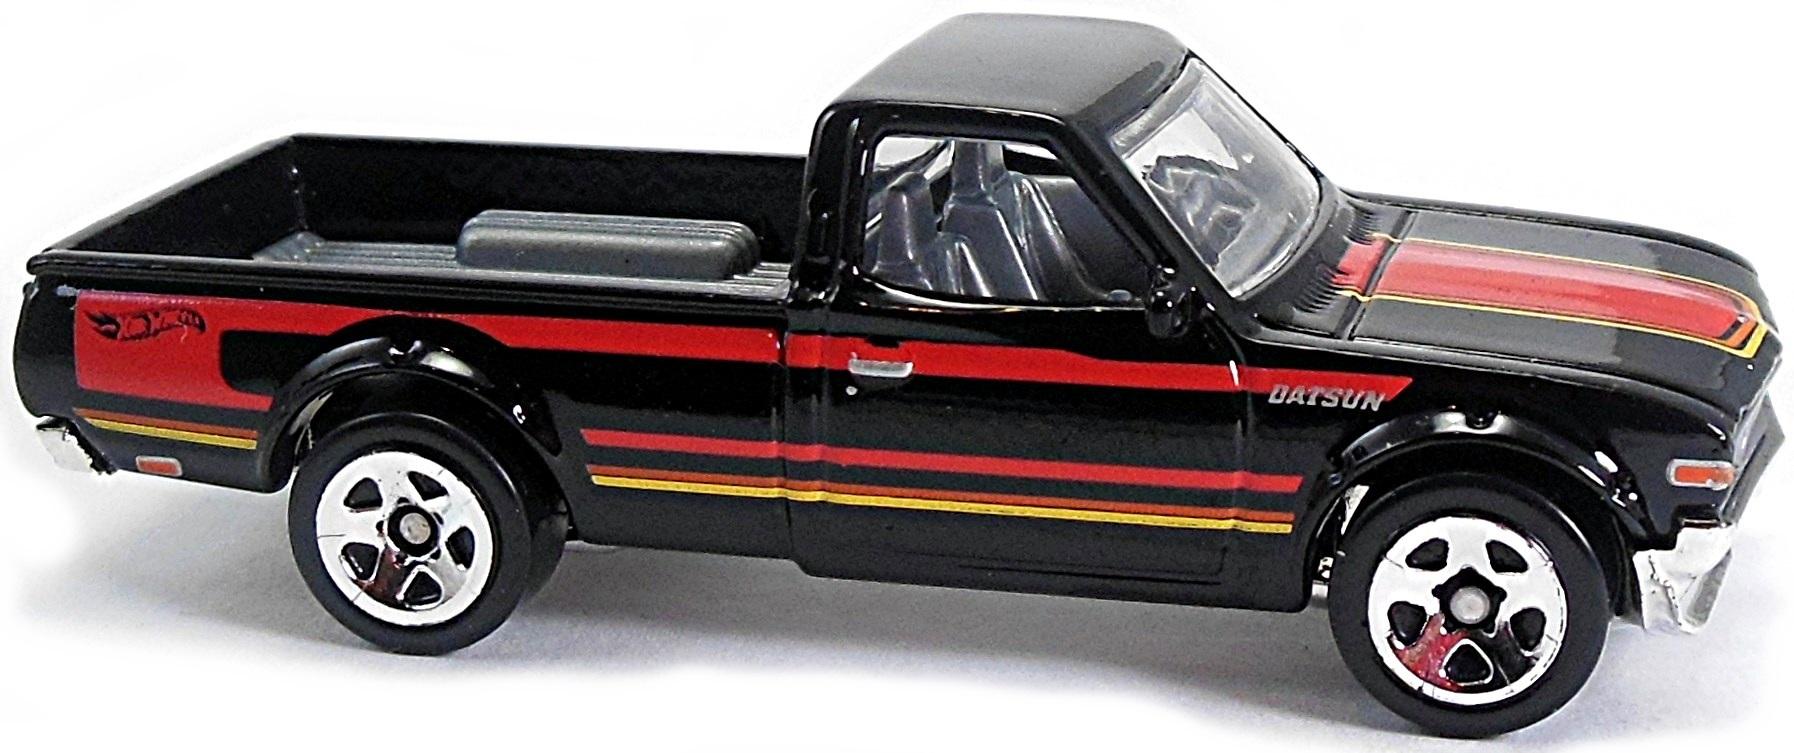 Datsun 620 - 74mm - 2014 | Hot Wheels Newsletter